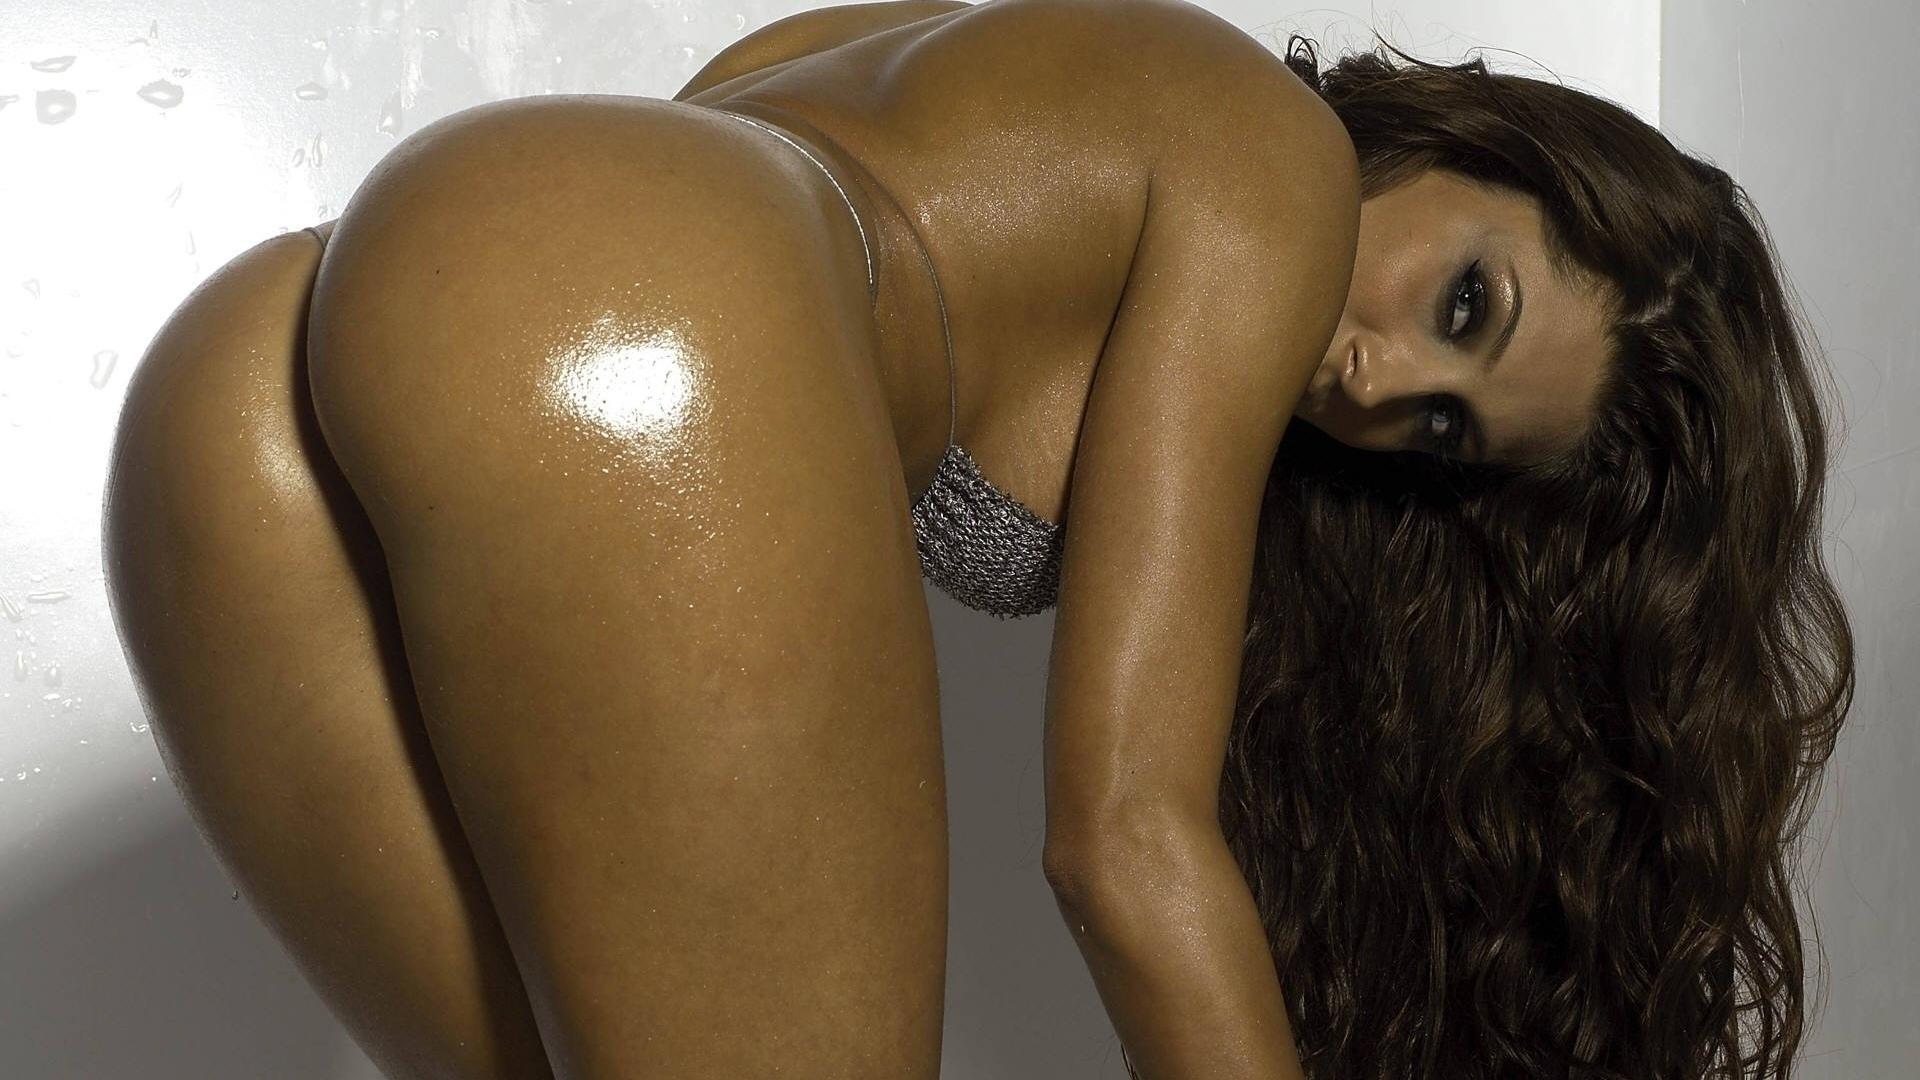 красивые голые попы девушек фото № 554389 без смс